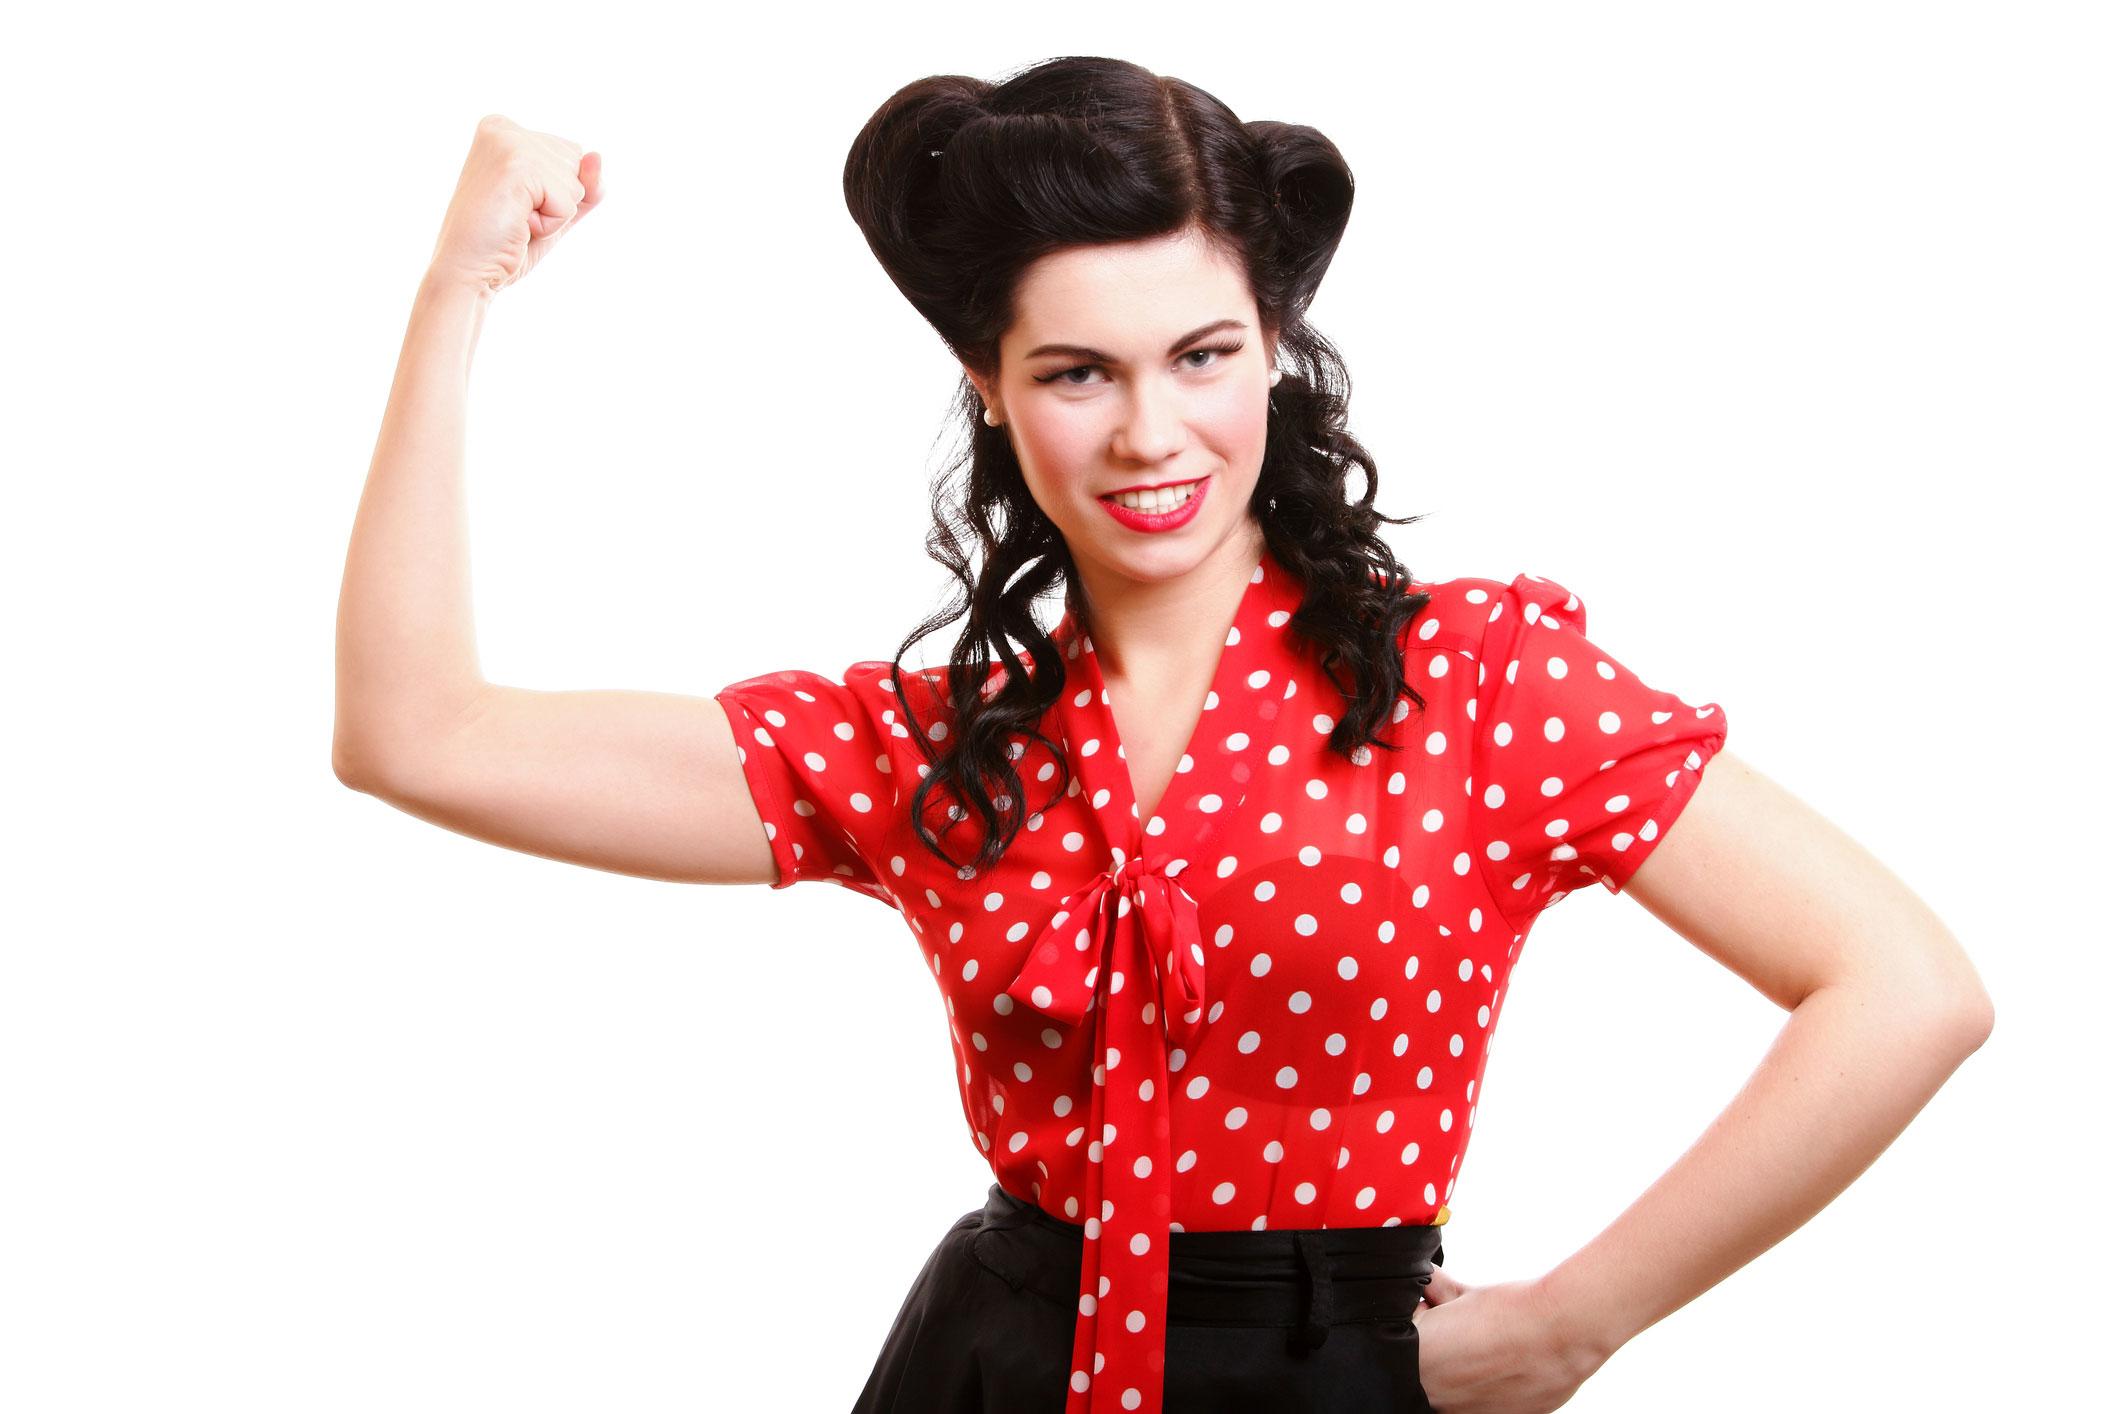 Weltfrauentag: Darum feiern wir ihn! Alle Infos zum Frauentag